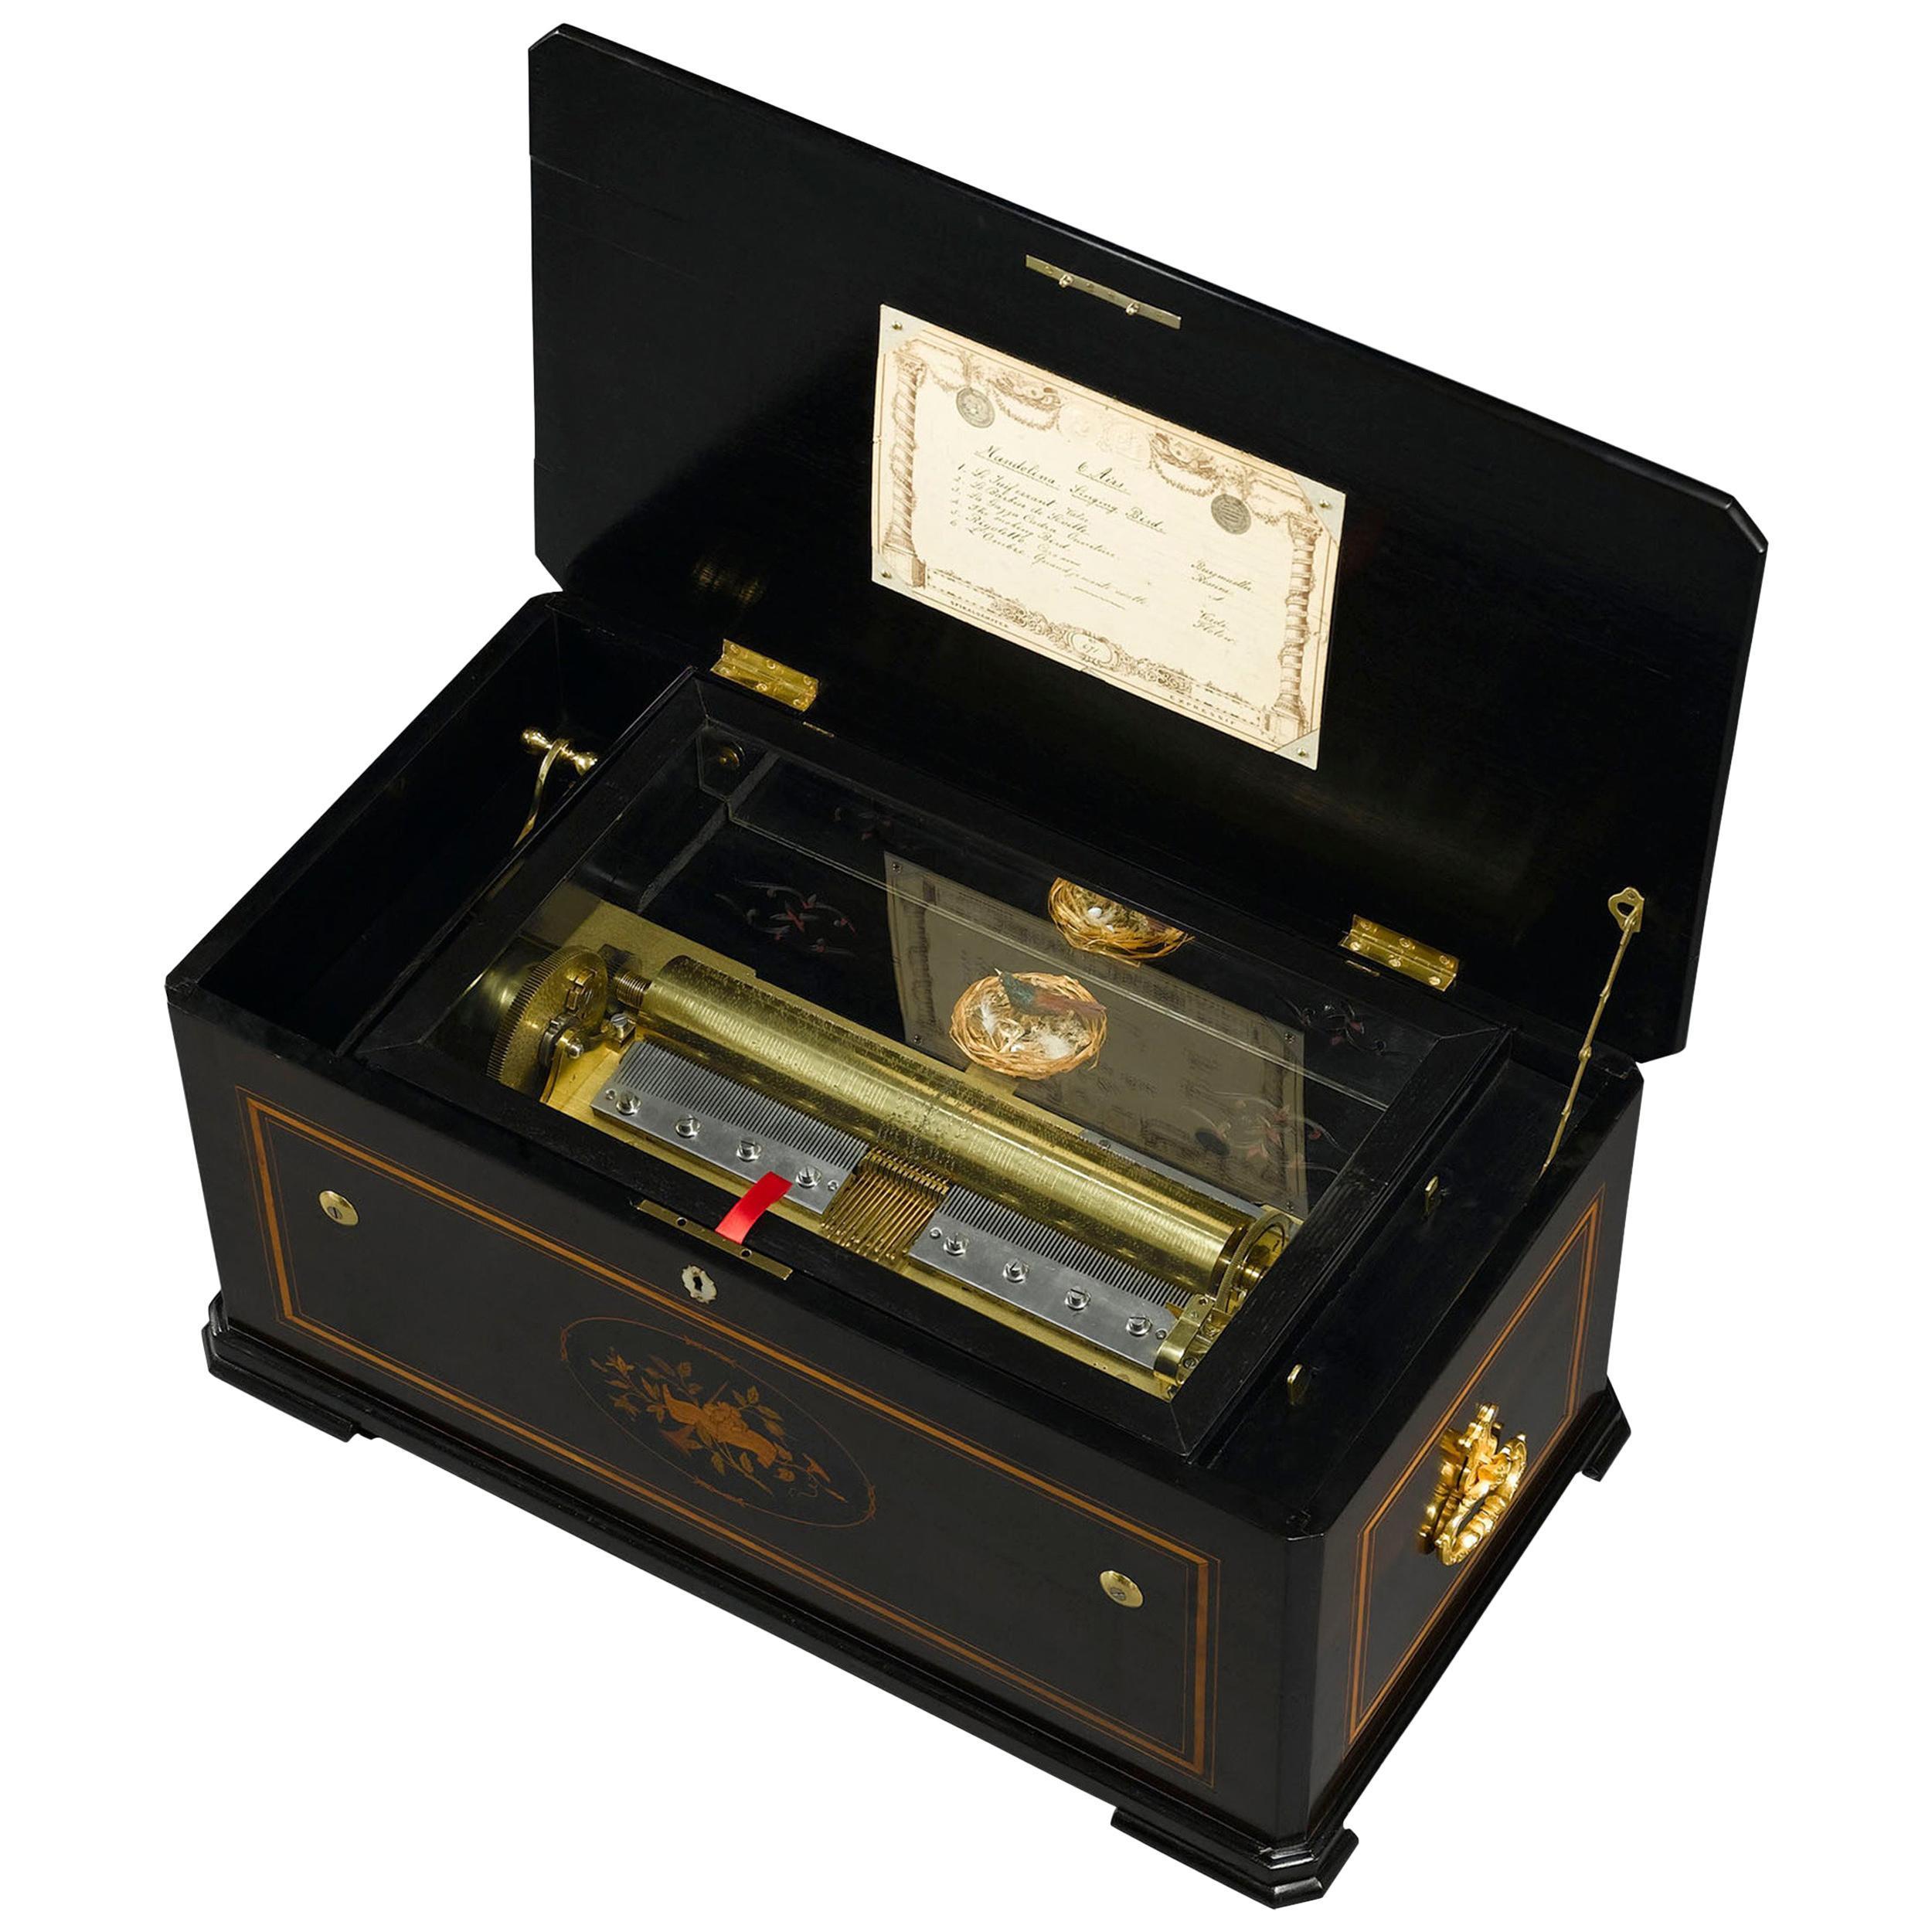 Mandolin Singing Bird Automaton Music Box